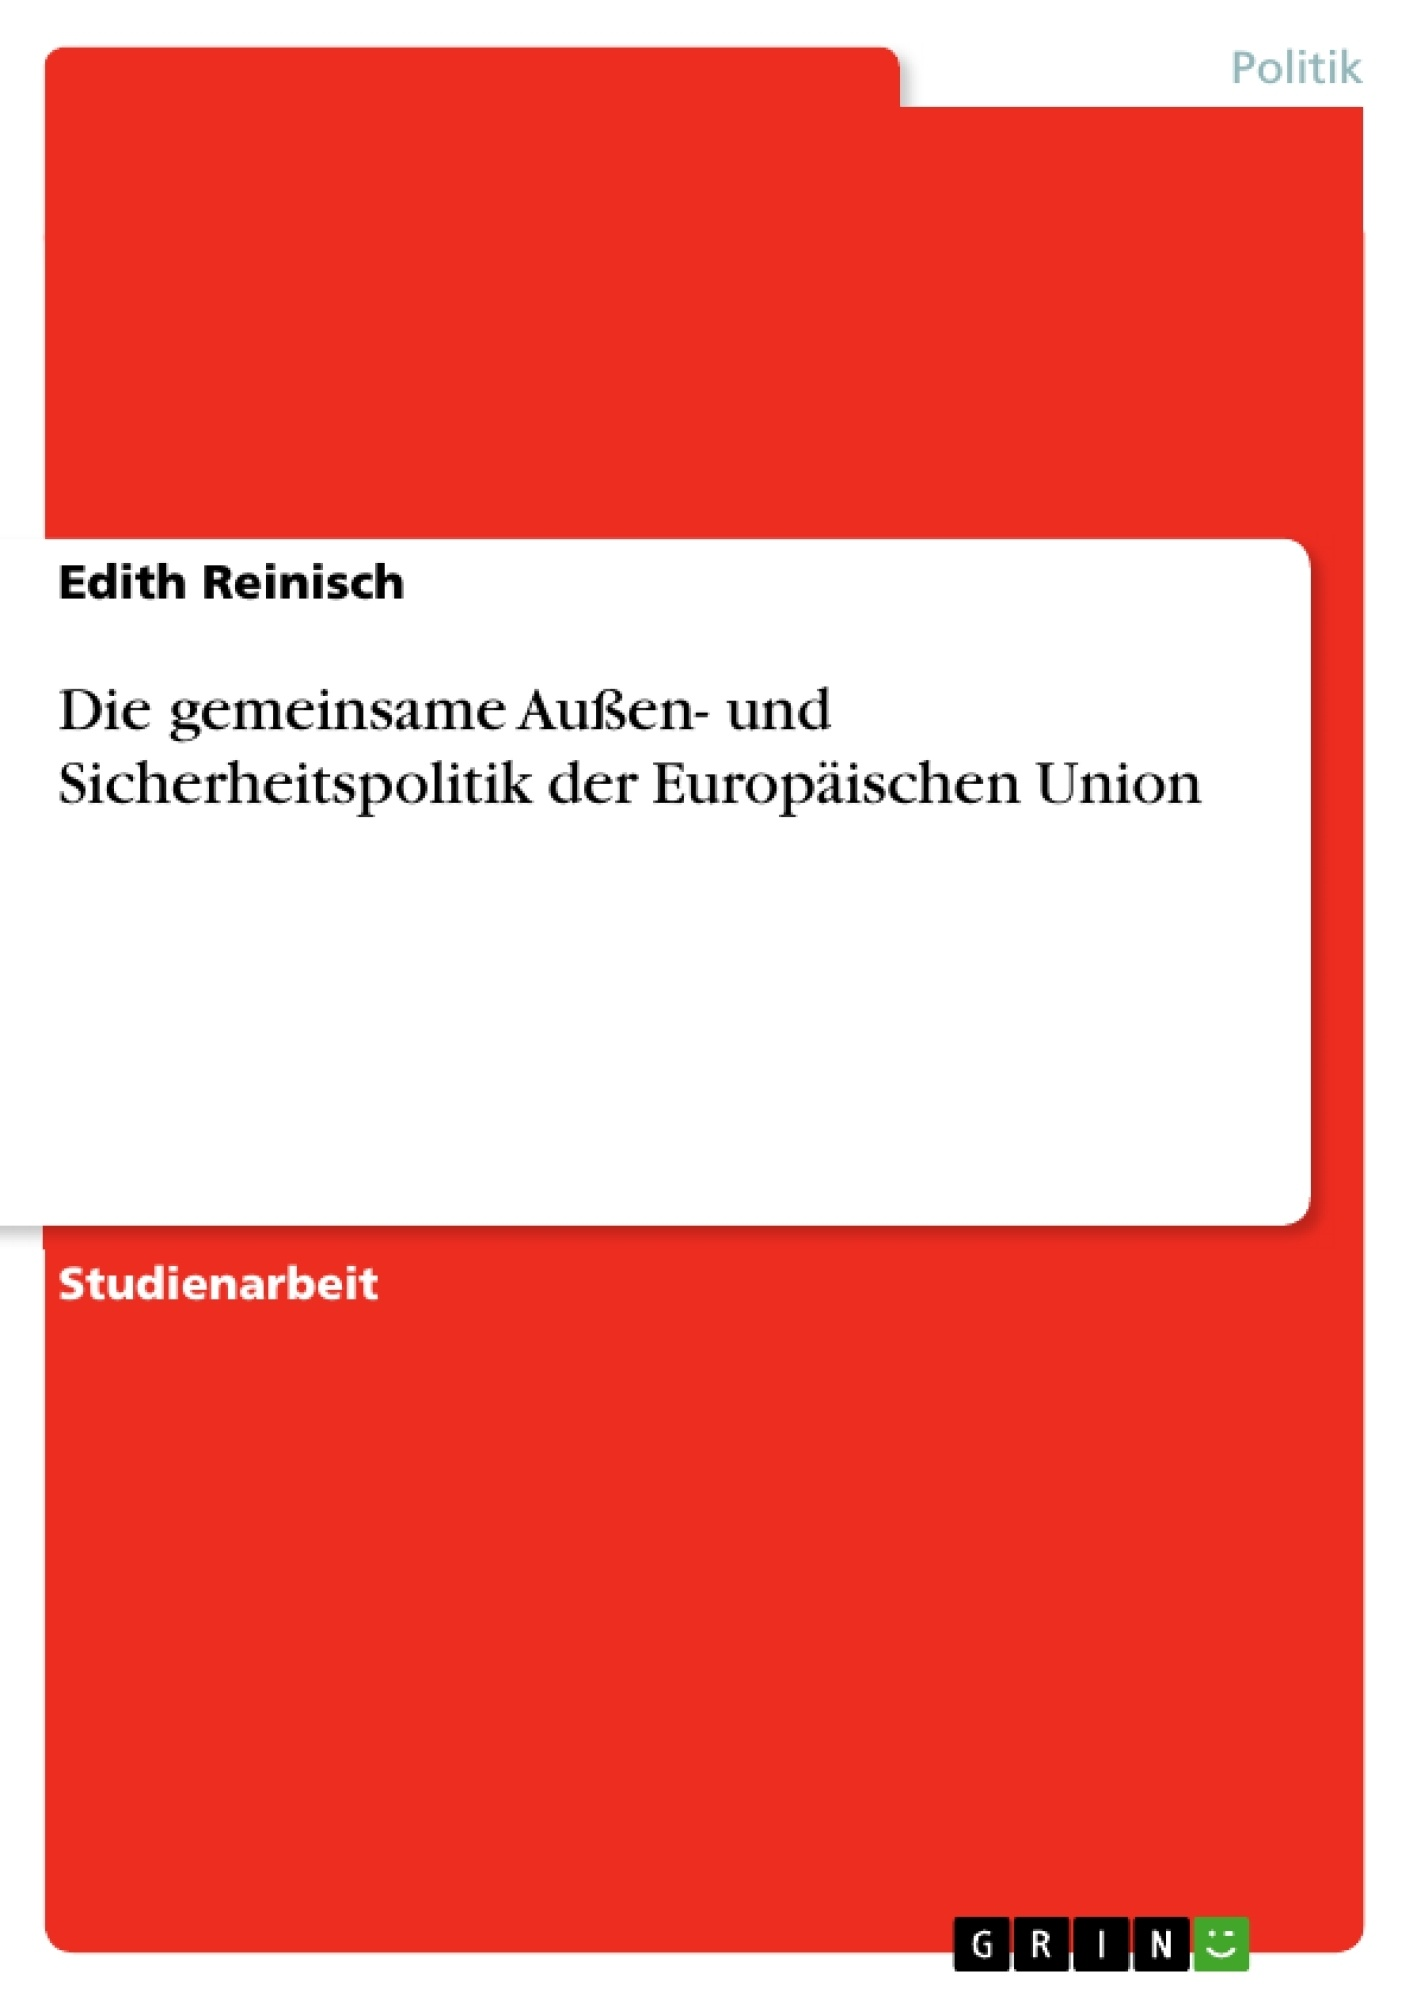 Titel: Die gemeinsame Außen- und Sicherheitspolitik der Europäischen Union